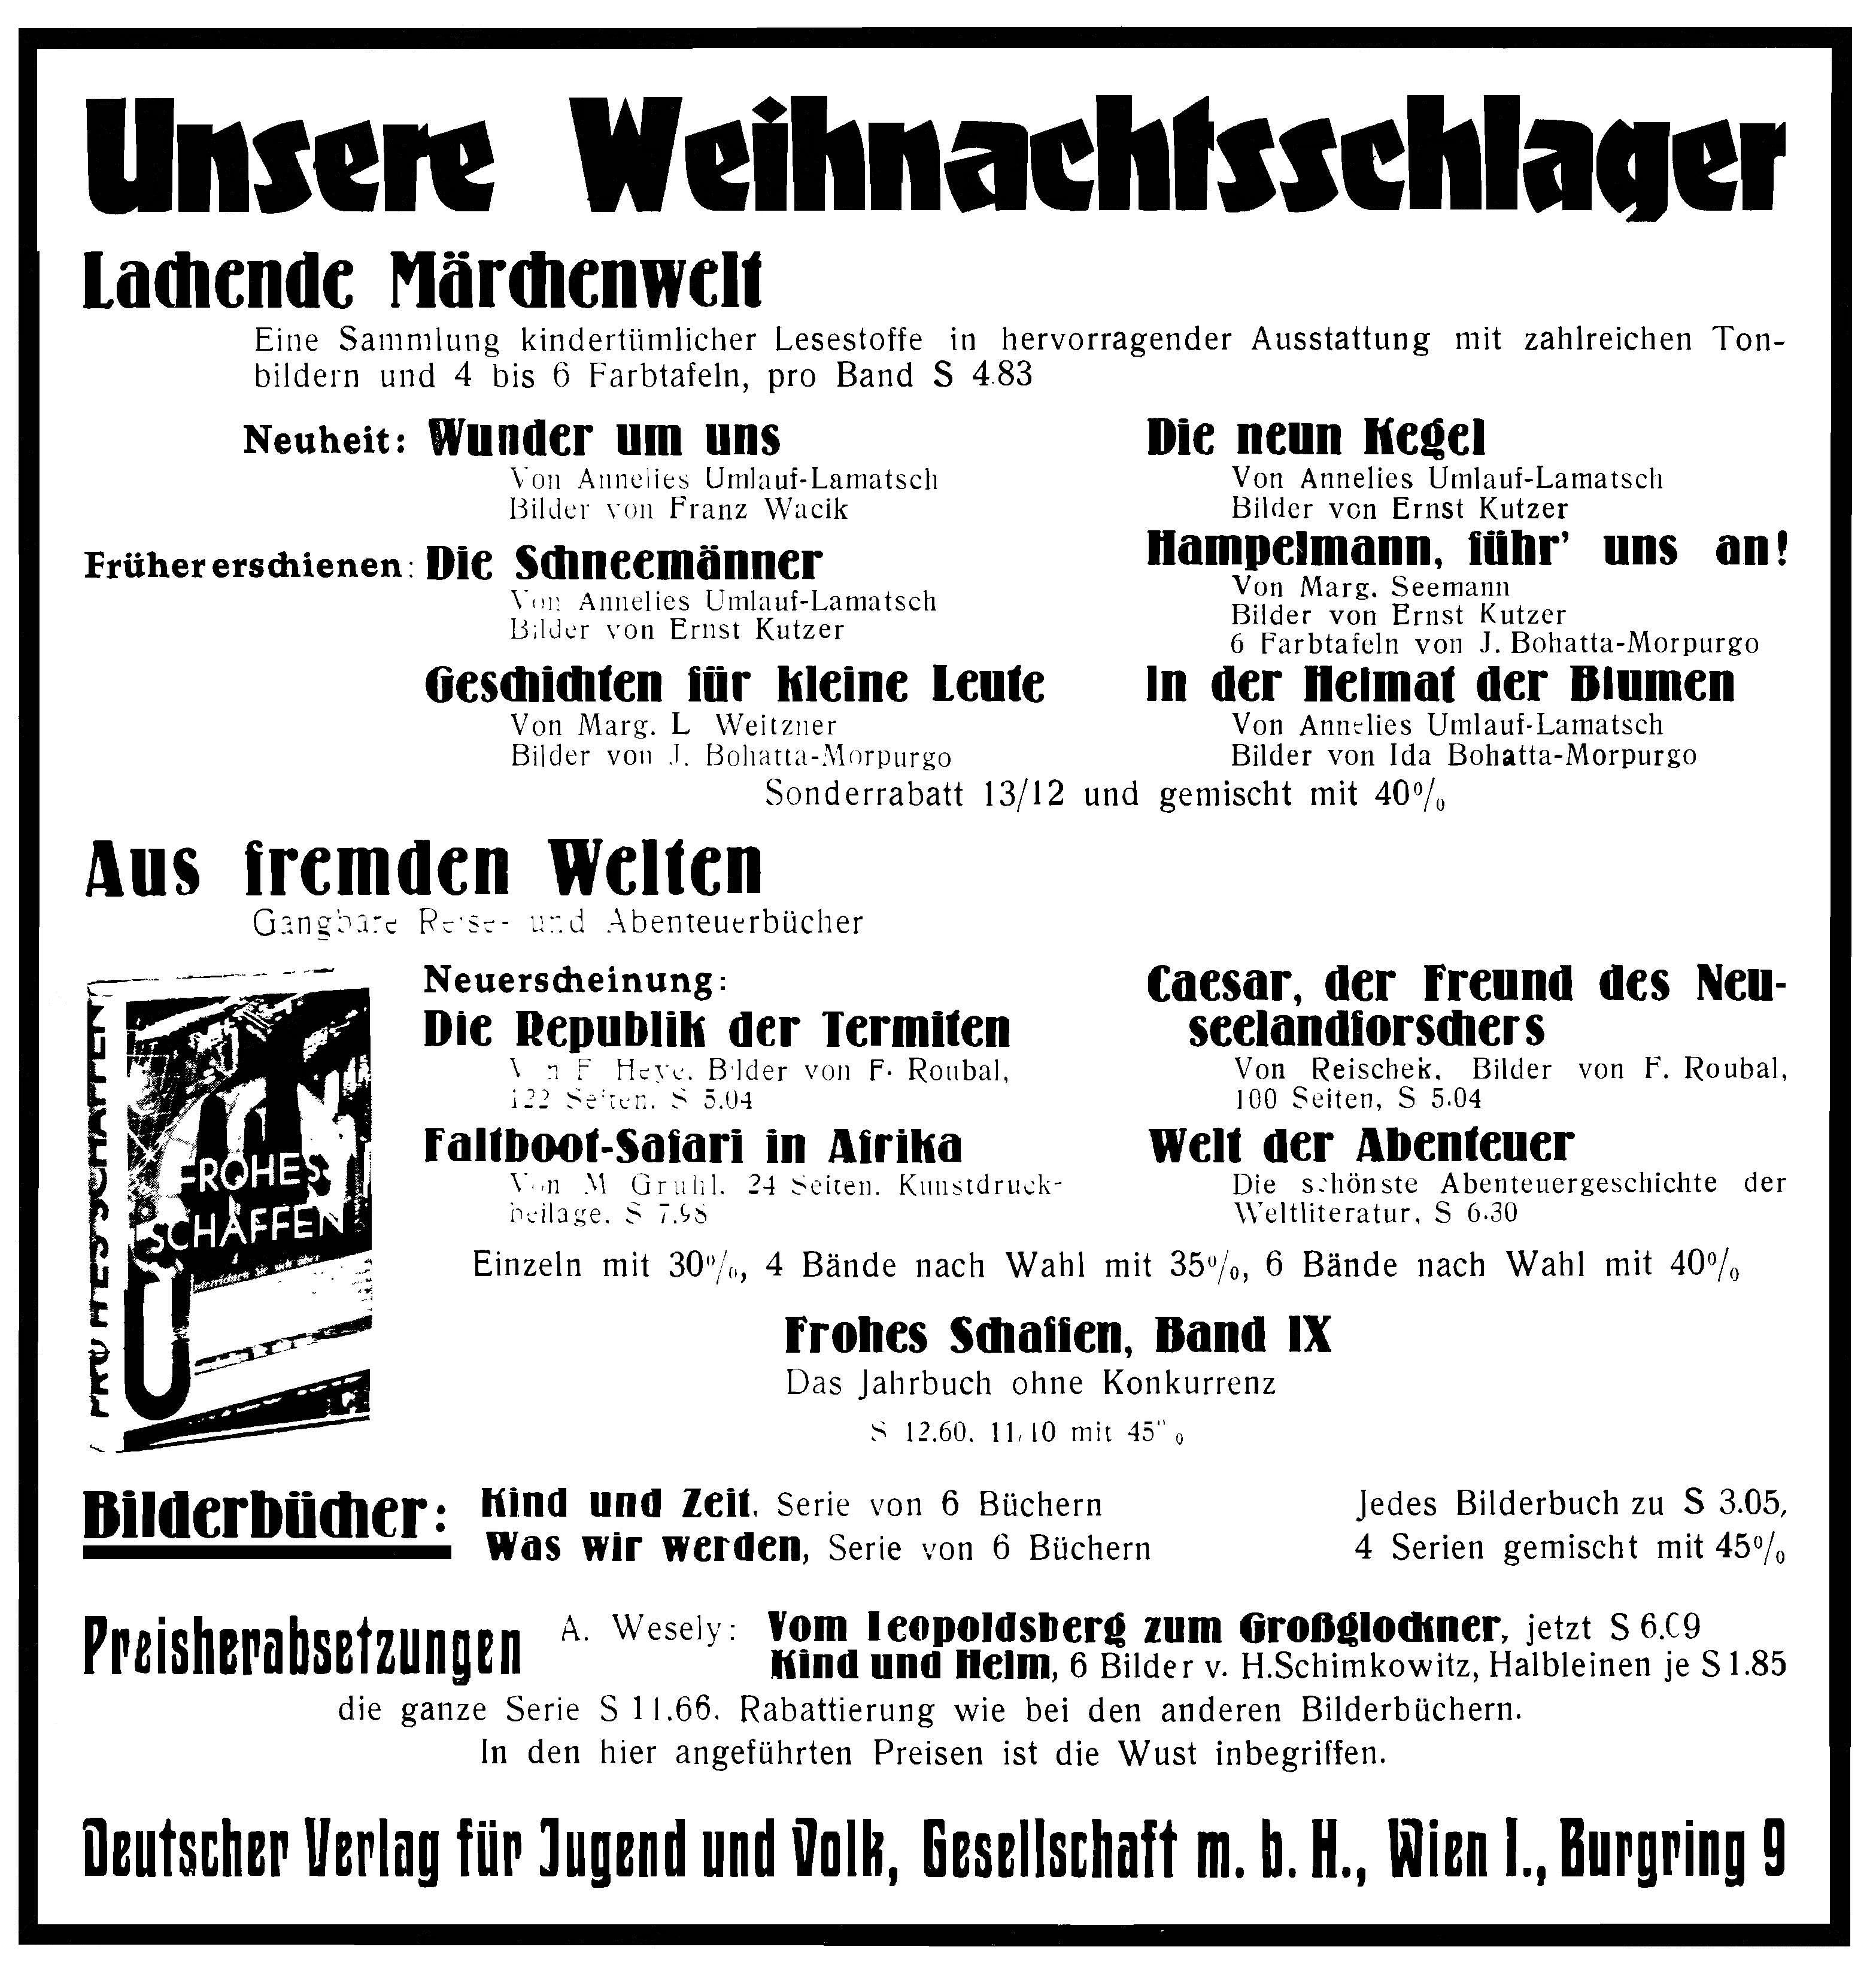 DVJV Anzeige 1932